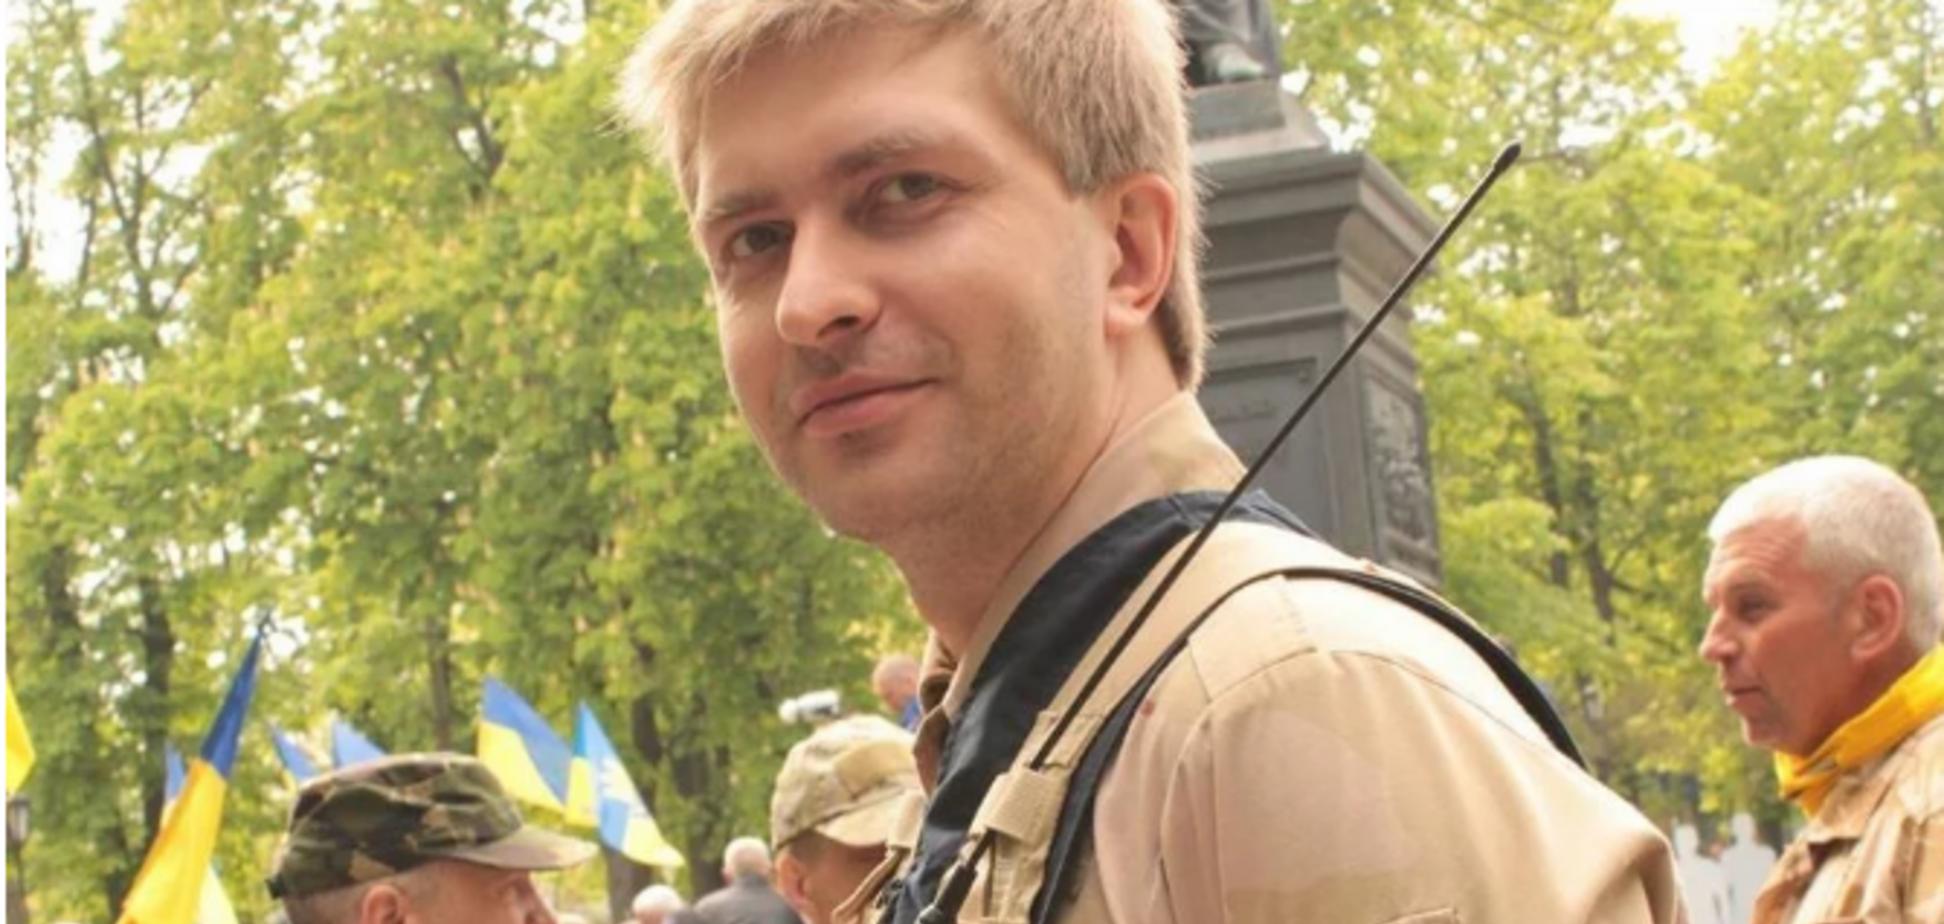 ''Меня расстреляли'': в Одессе напали на известного волонтера